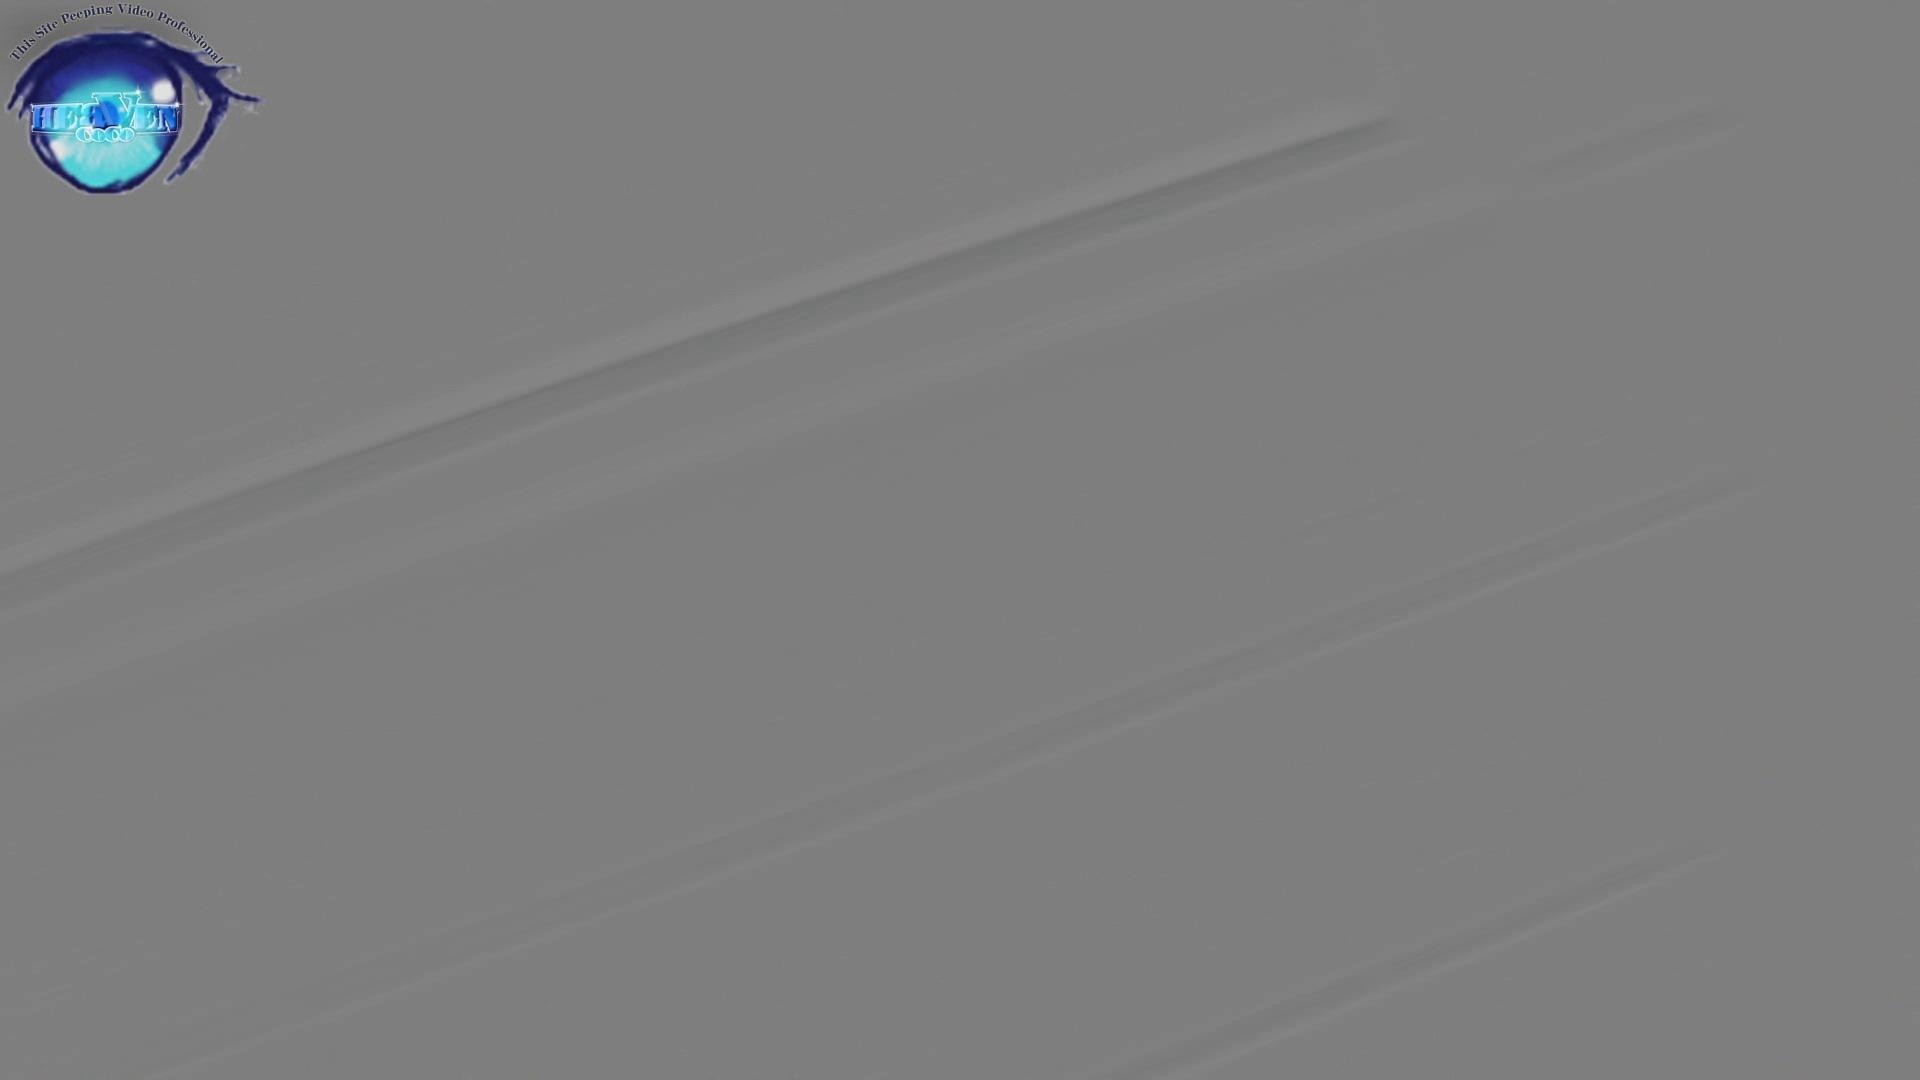 お銀さん vol.59 ピンチ!!「鏡の前で祈る女性」にばれる危機 前編 美人 | 0  96pic 49